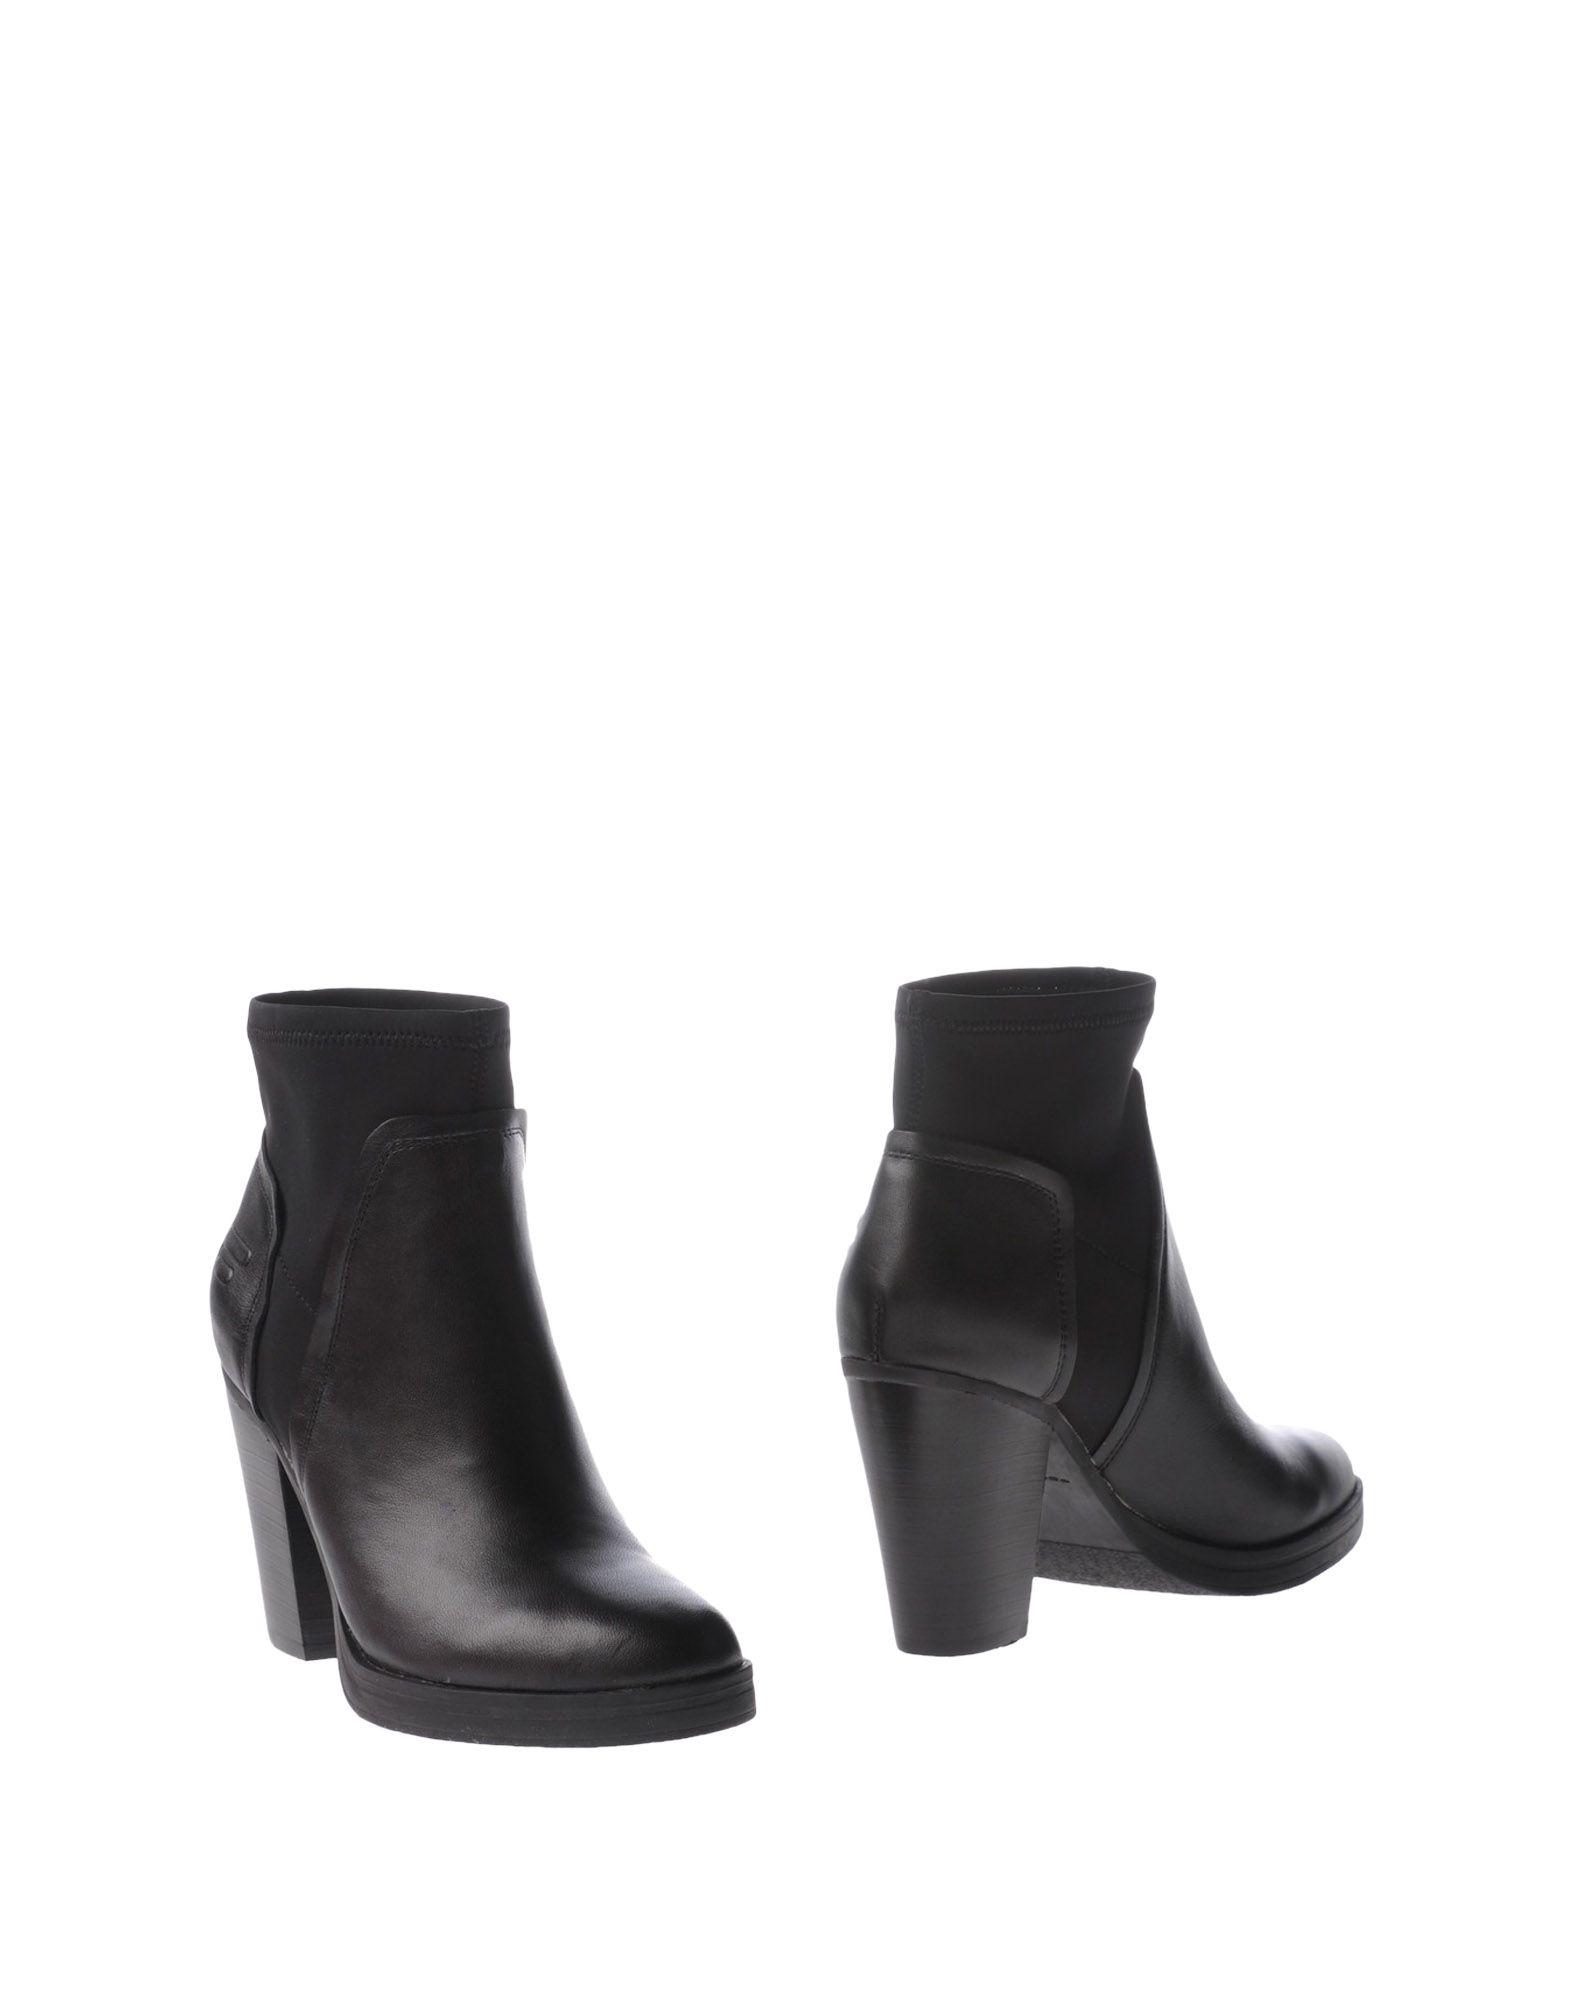 Fornarina Stiefelette Damen  11223298RS Gute Qualität beliebte Schuhe